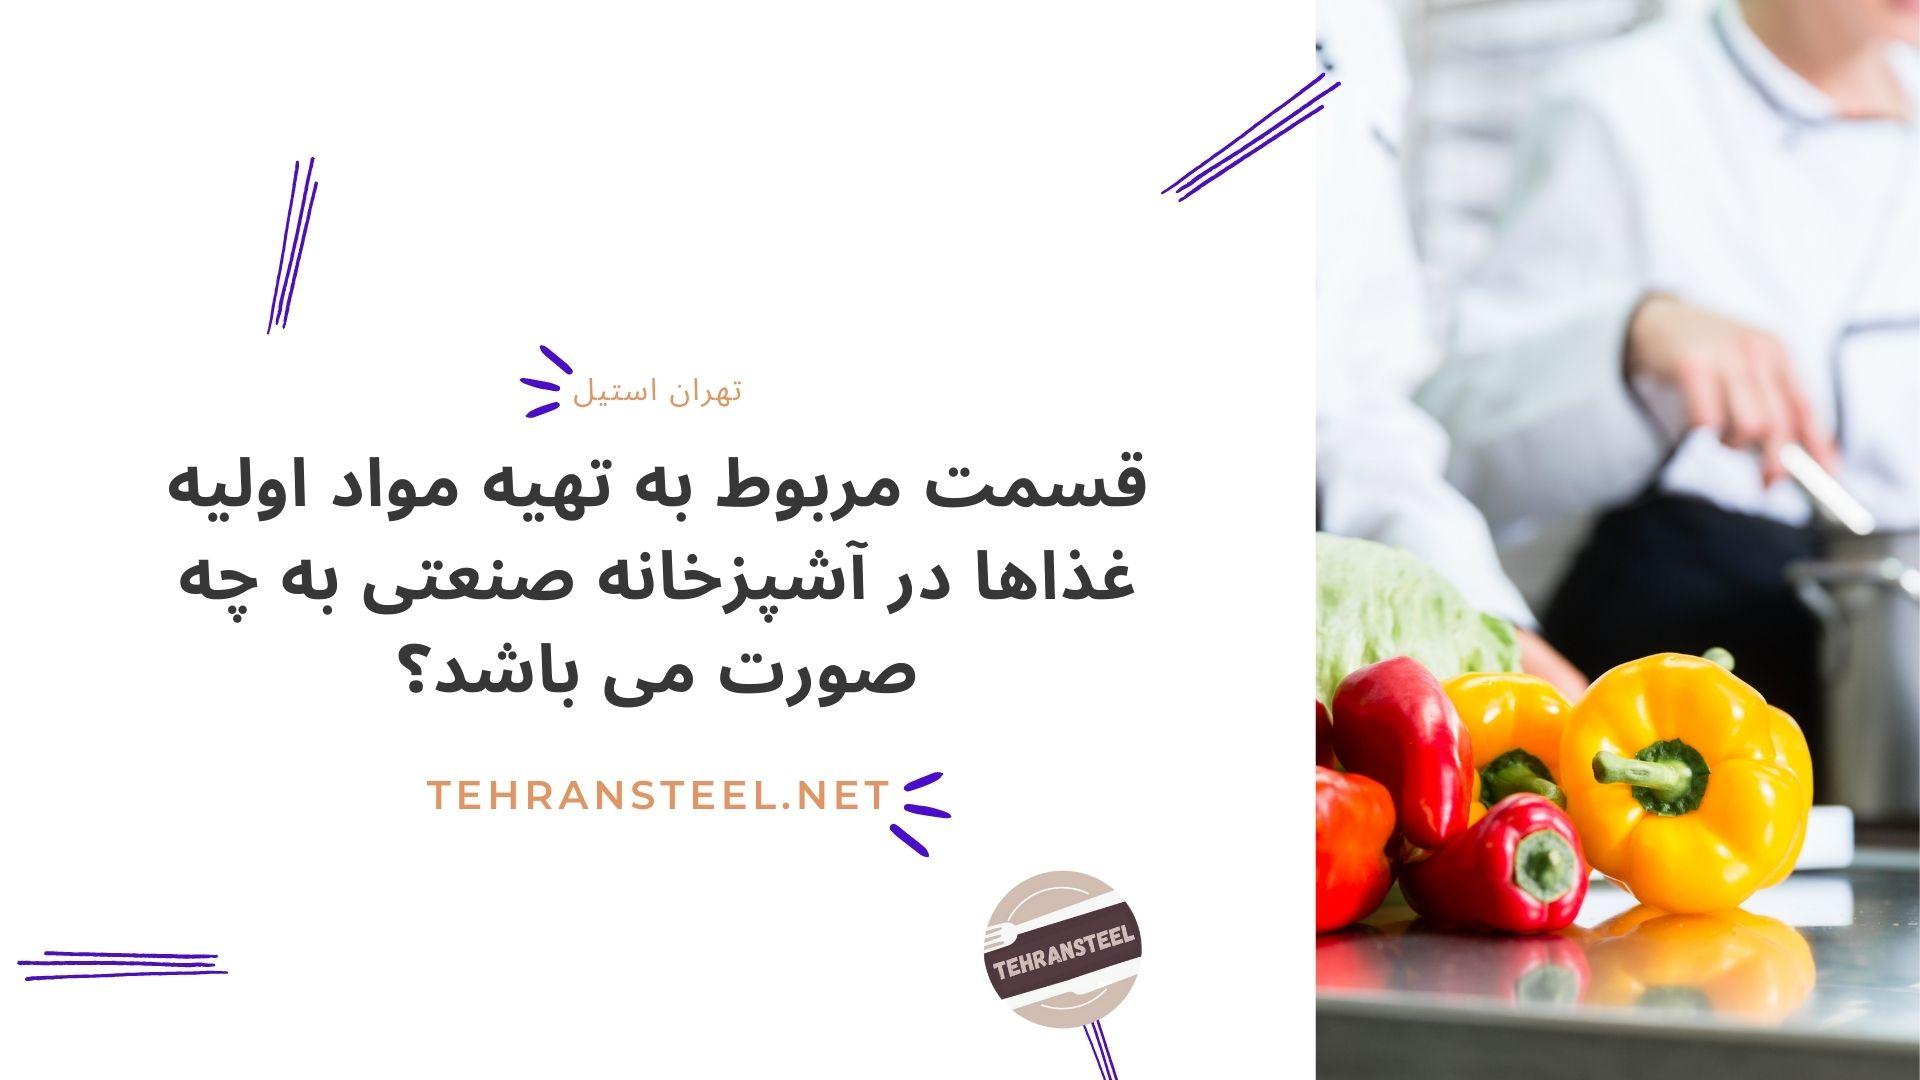 قسمت مربوط به تهیه مواد اولیه غذاها در آشپزخانه صنعتی به چه صورت می باشد؟